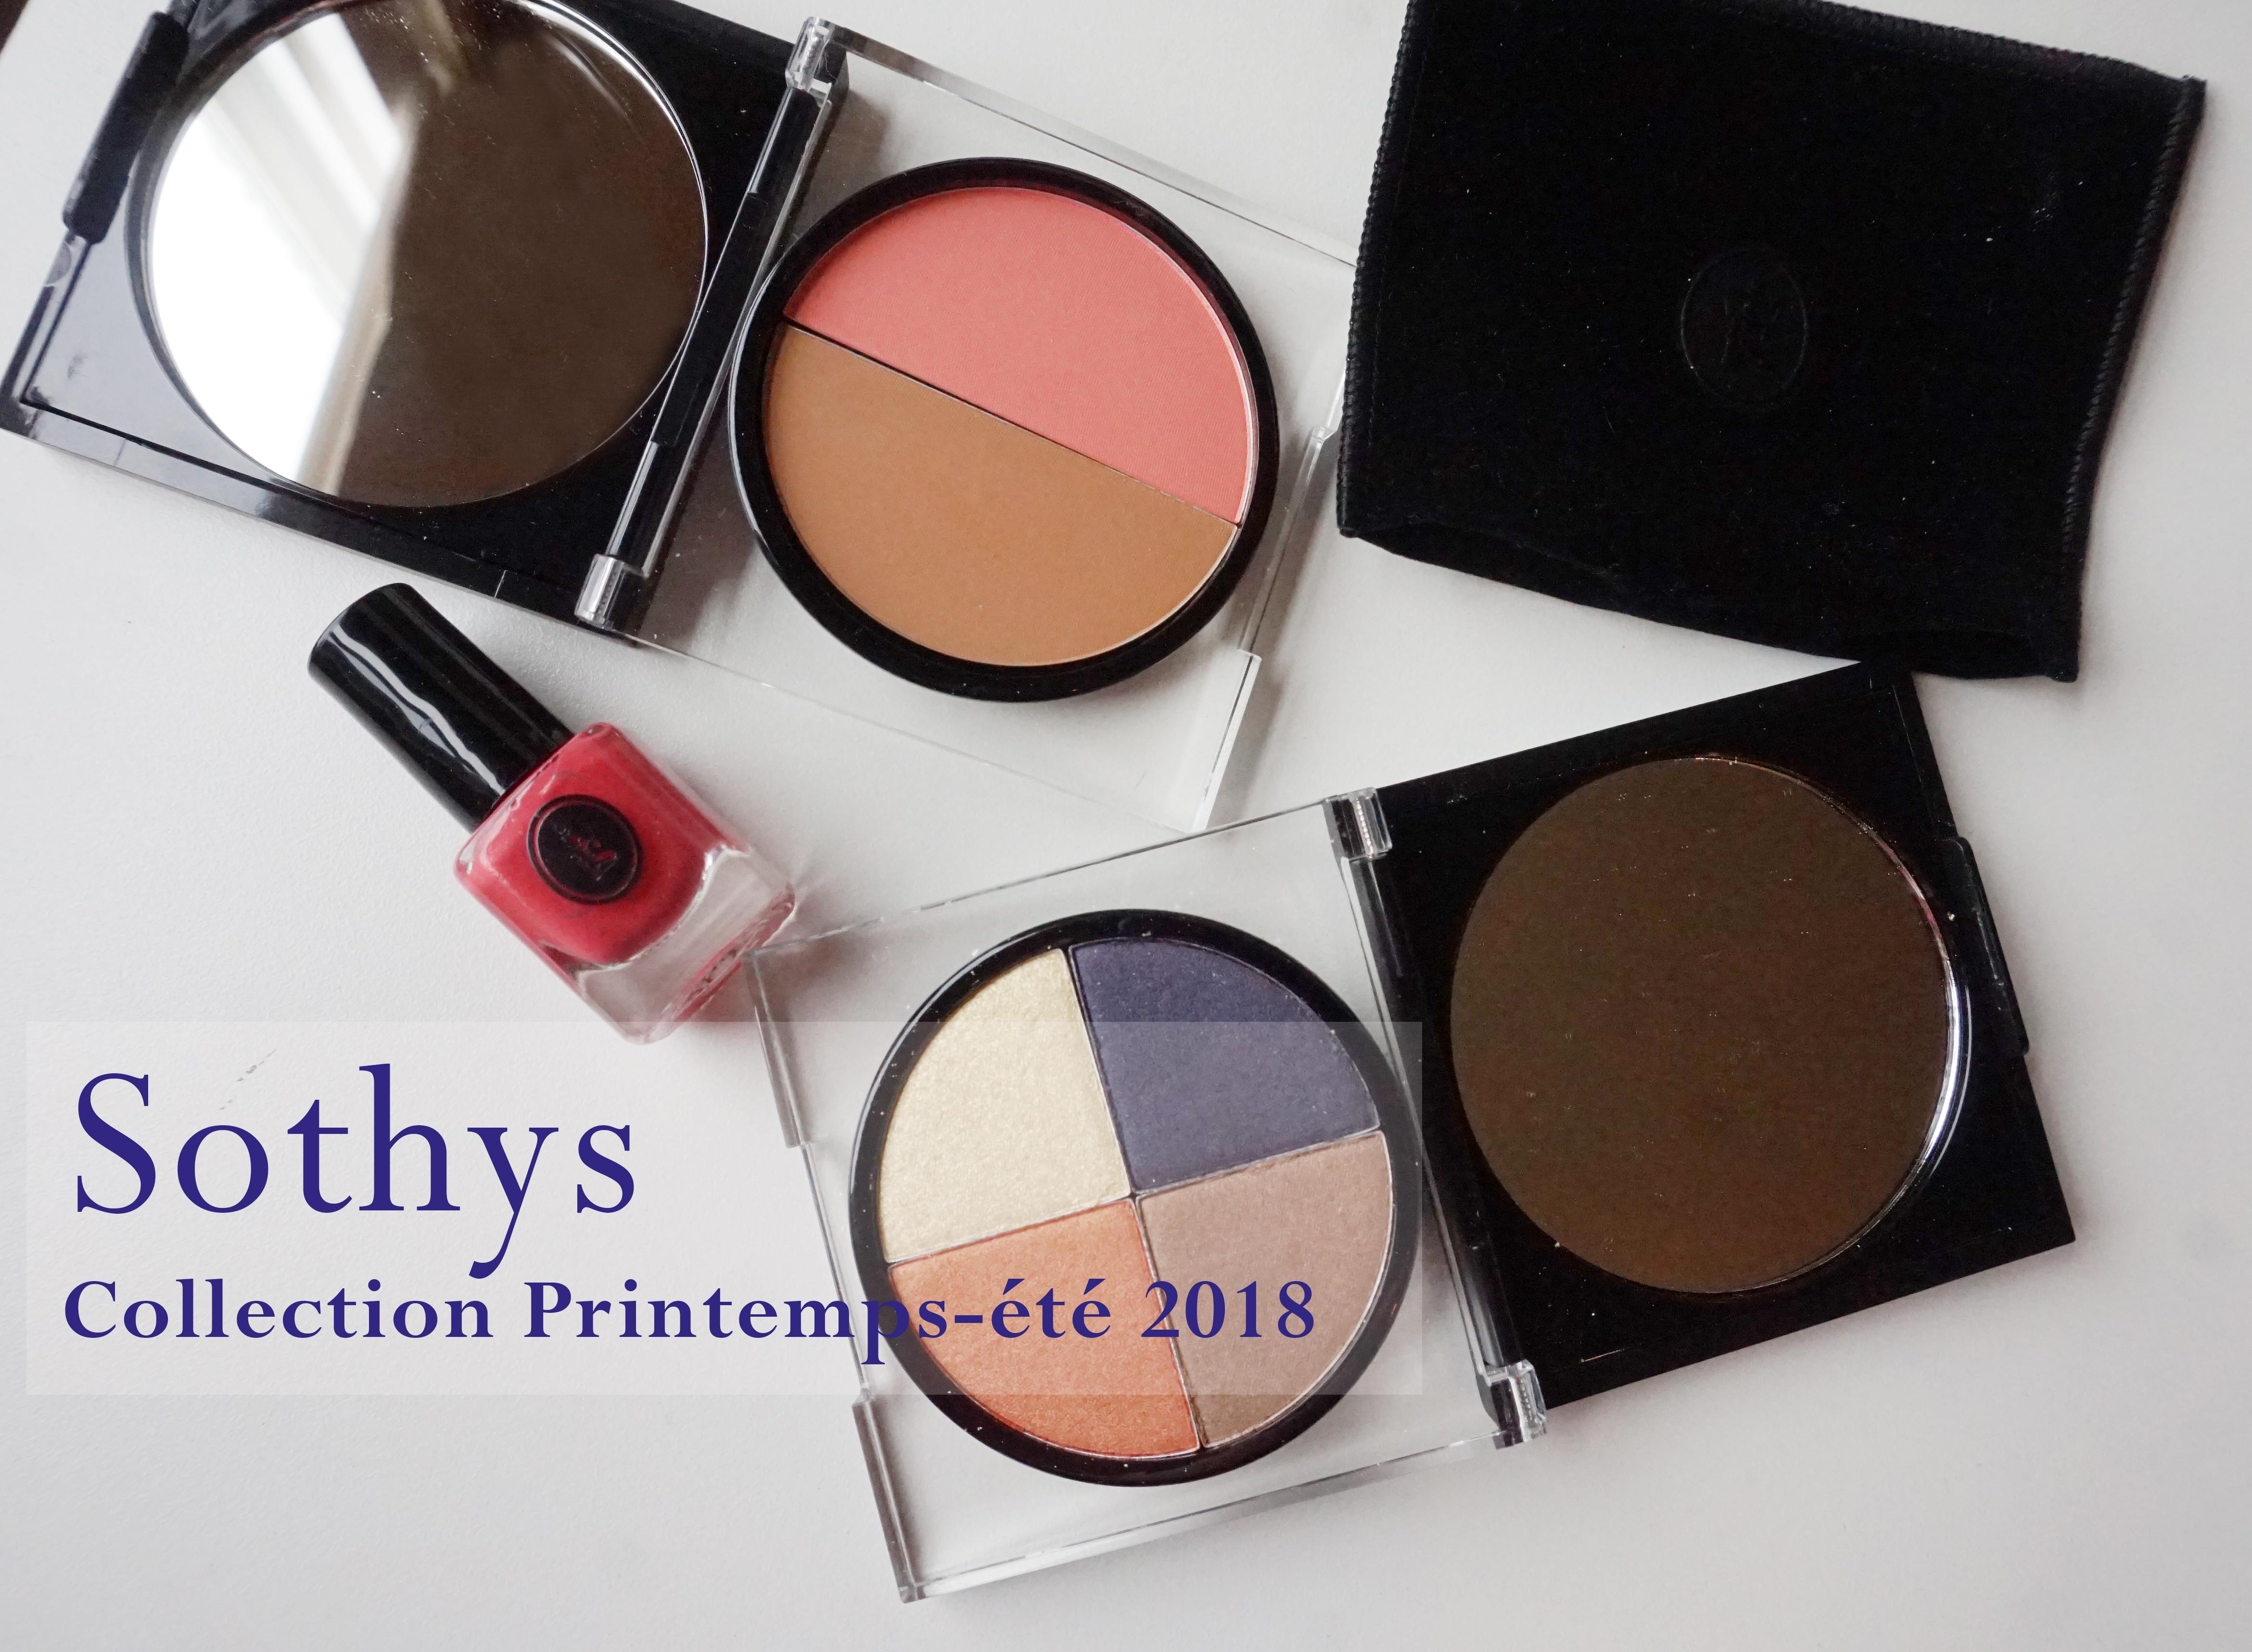 La nouvelle collection maquillage, printemps,été 2018 de Sothys